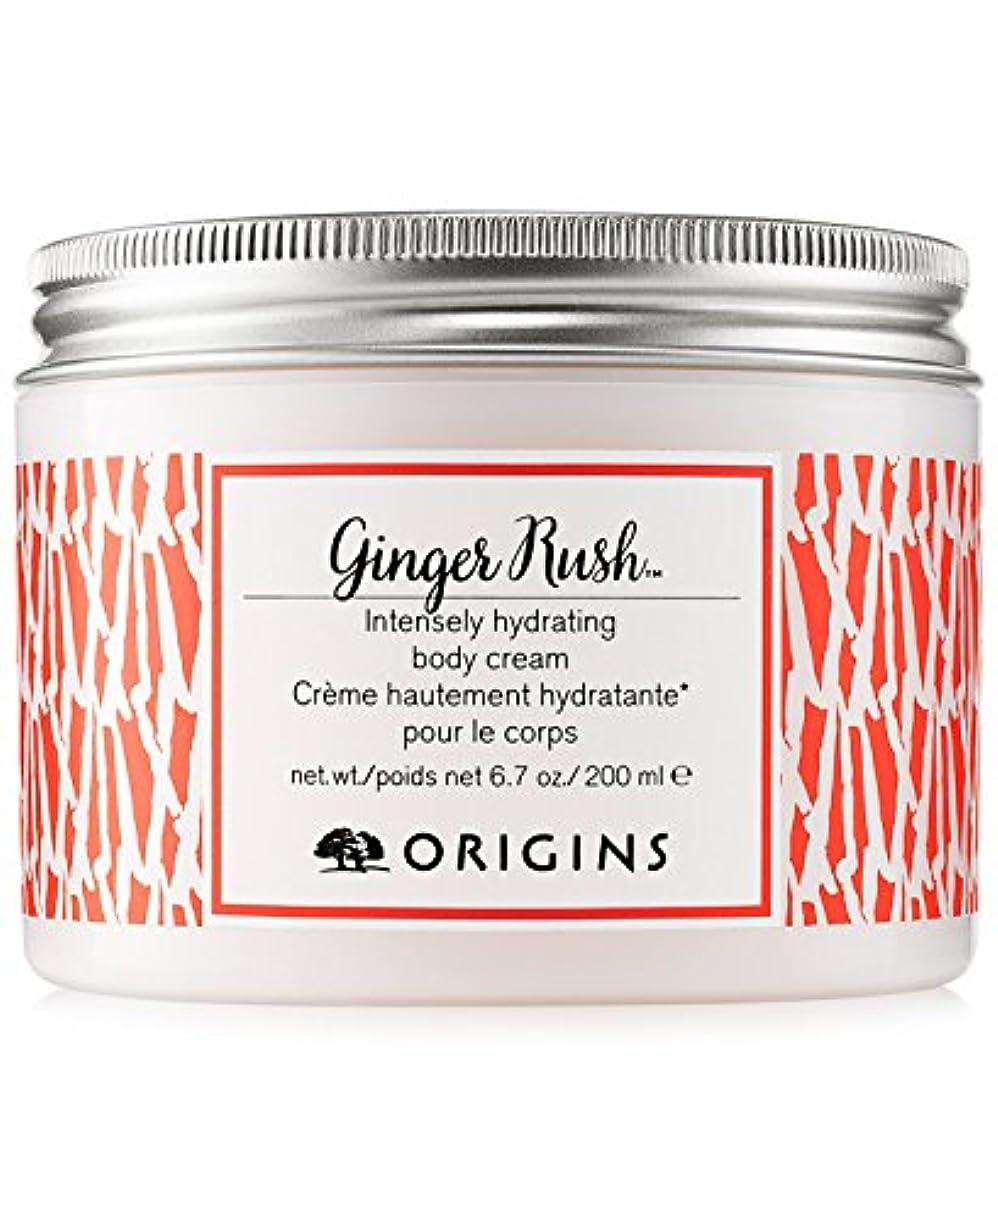 Origins Ginger Rush Hydrating Body Cream, 6.7 oz.200 ml